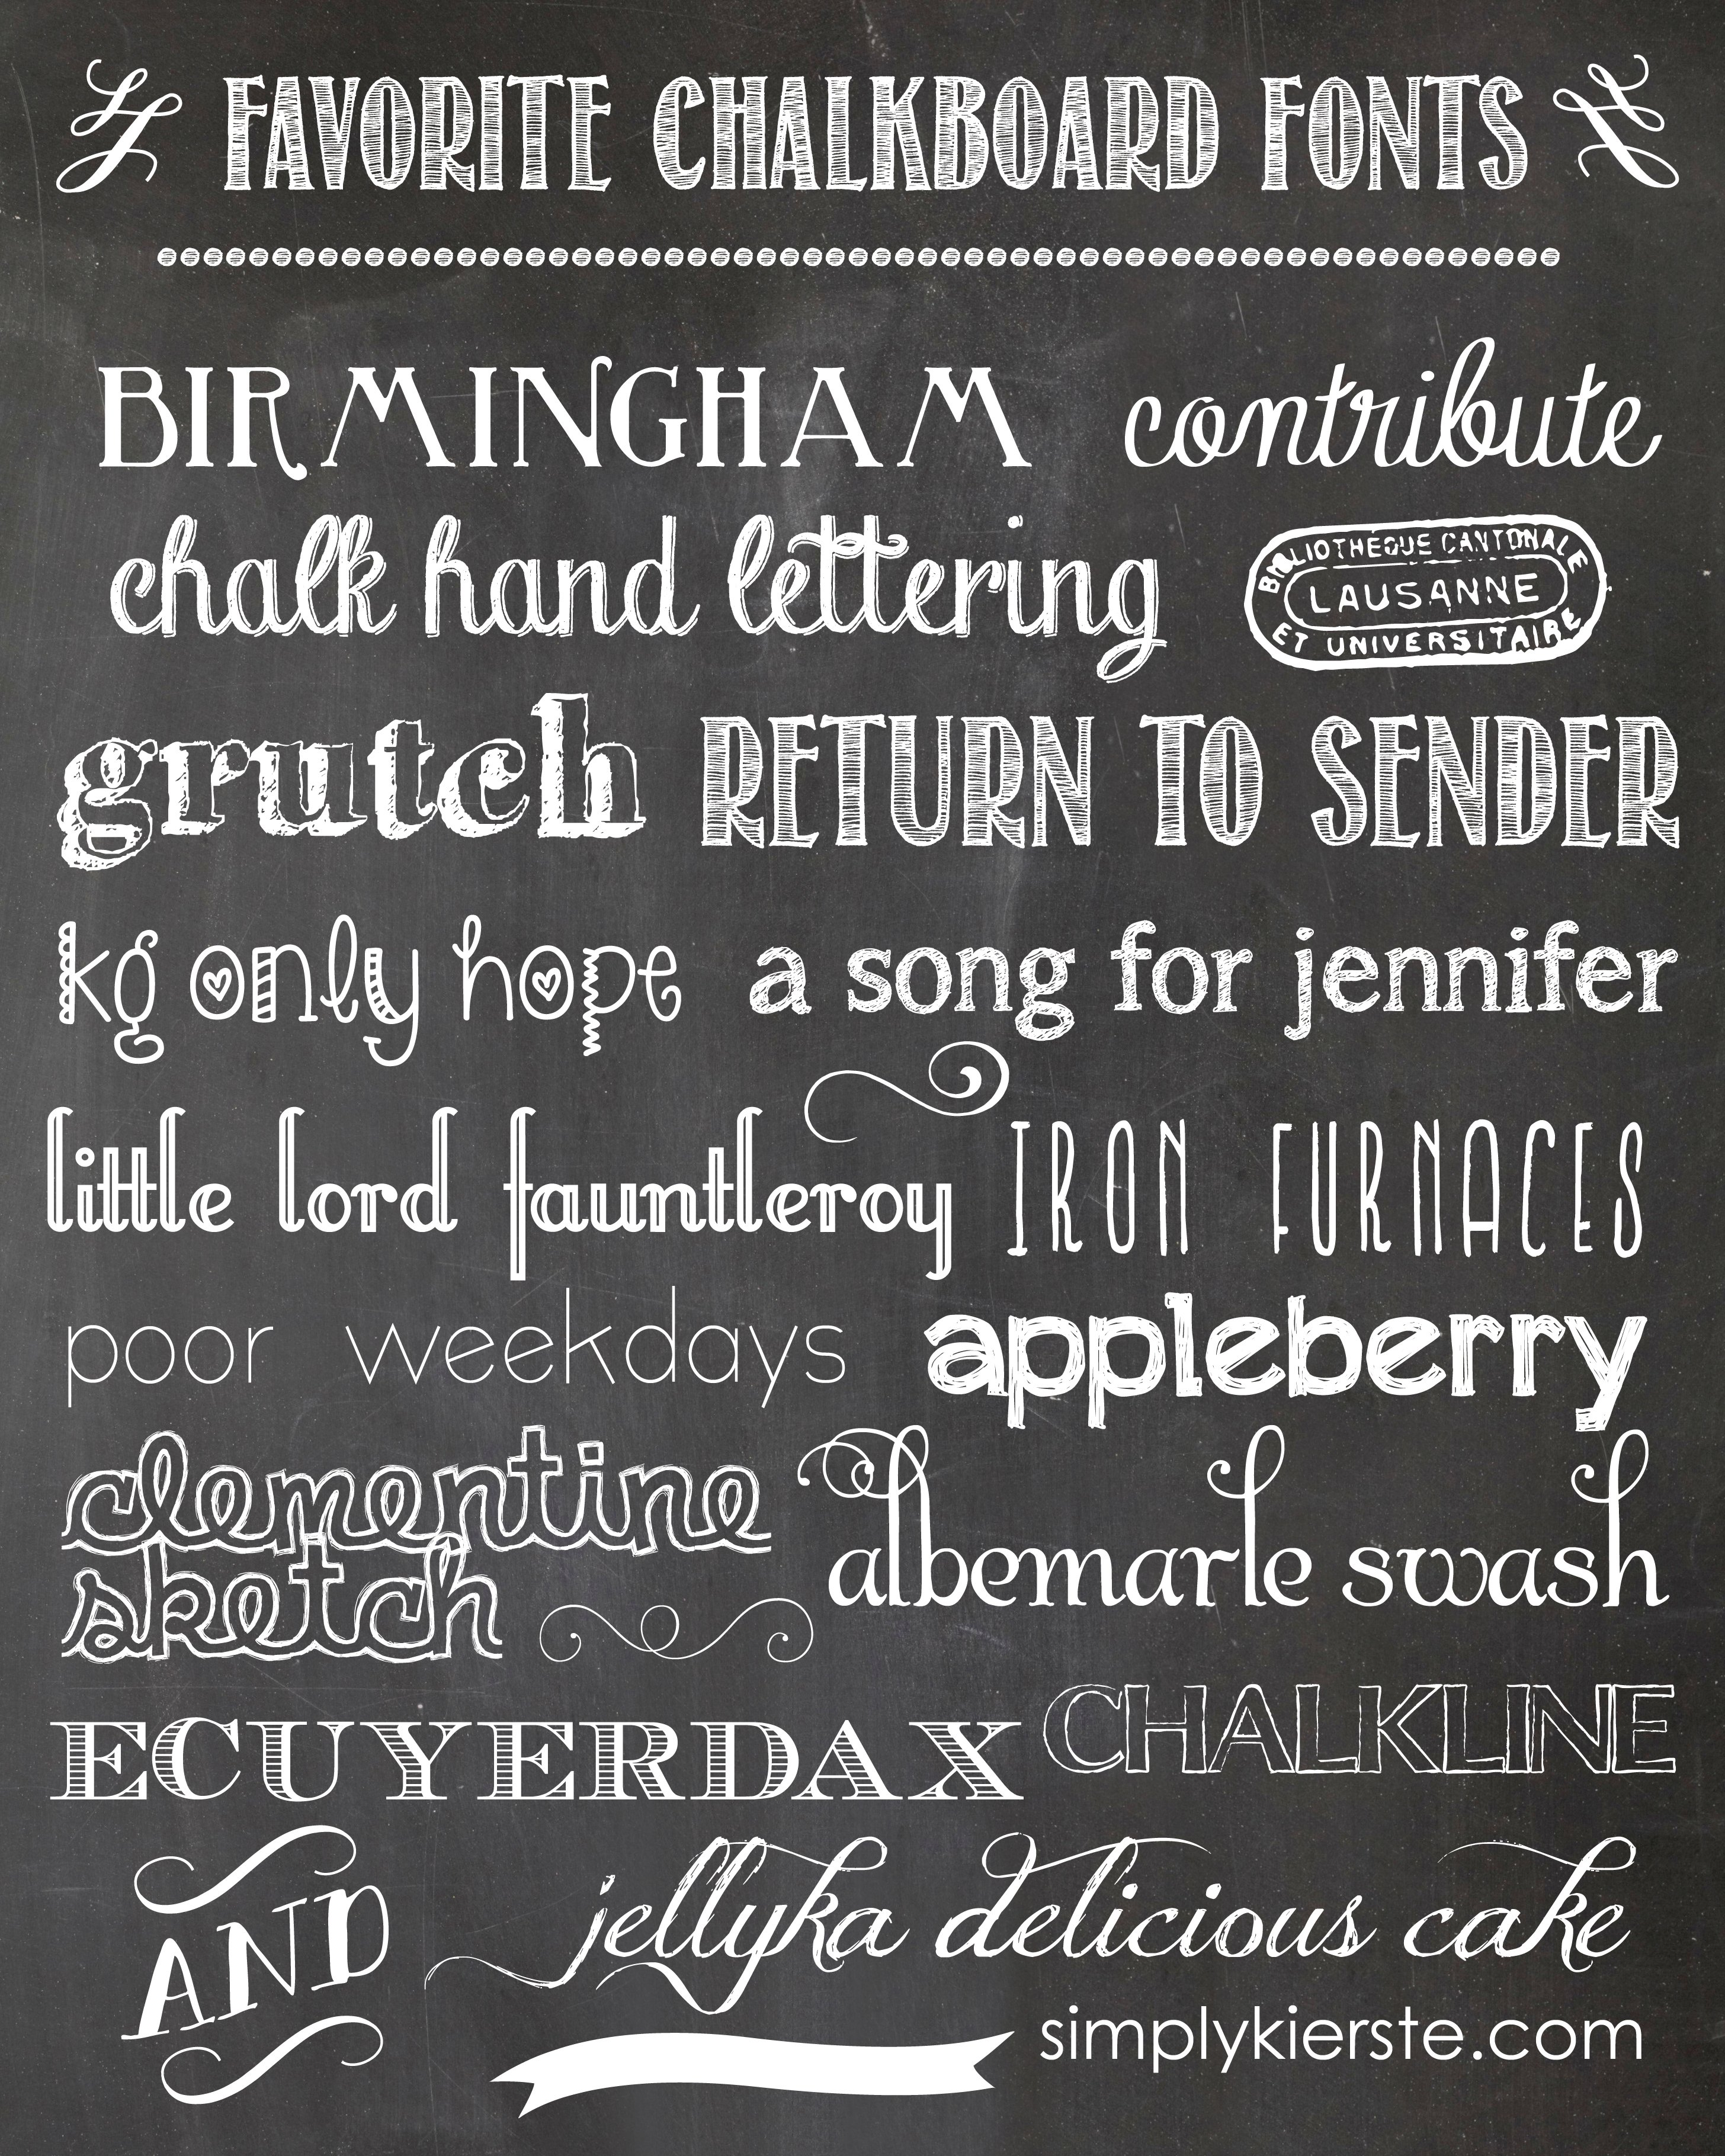 Favorite chalkboard fonts Chalkboard typography